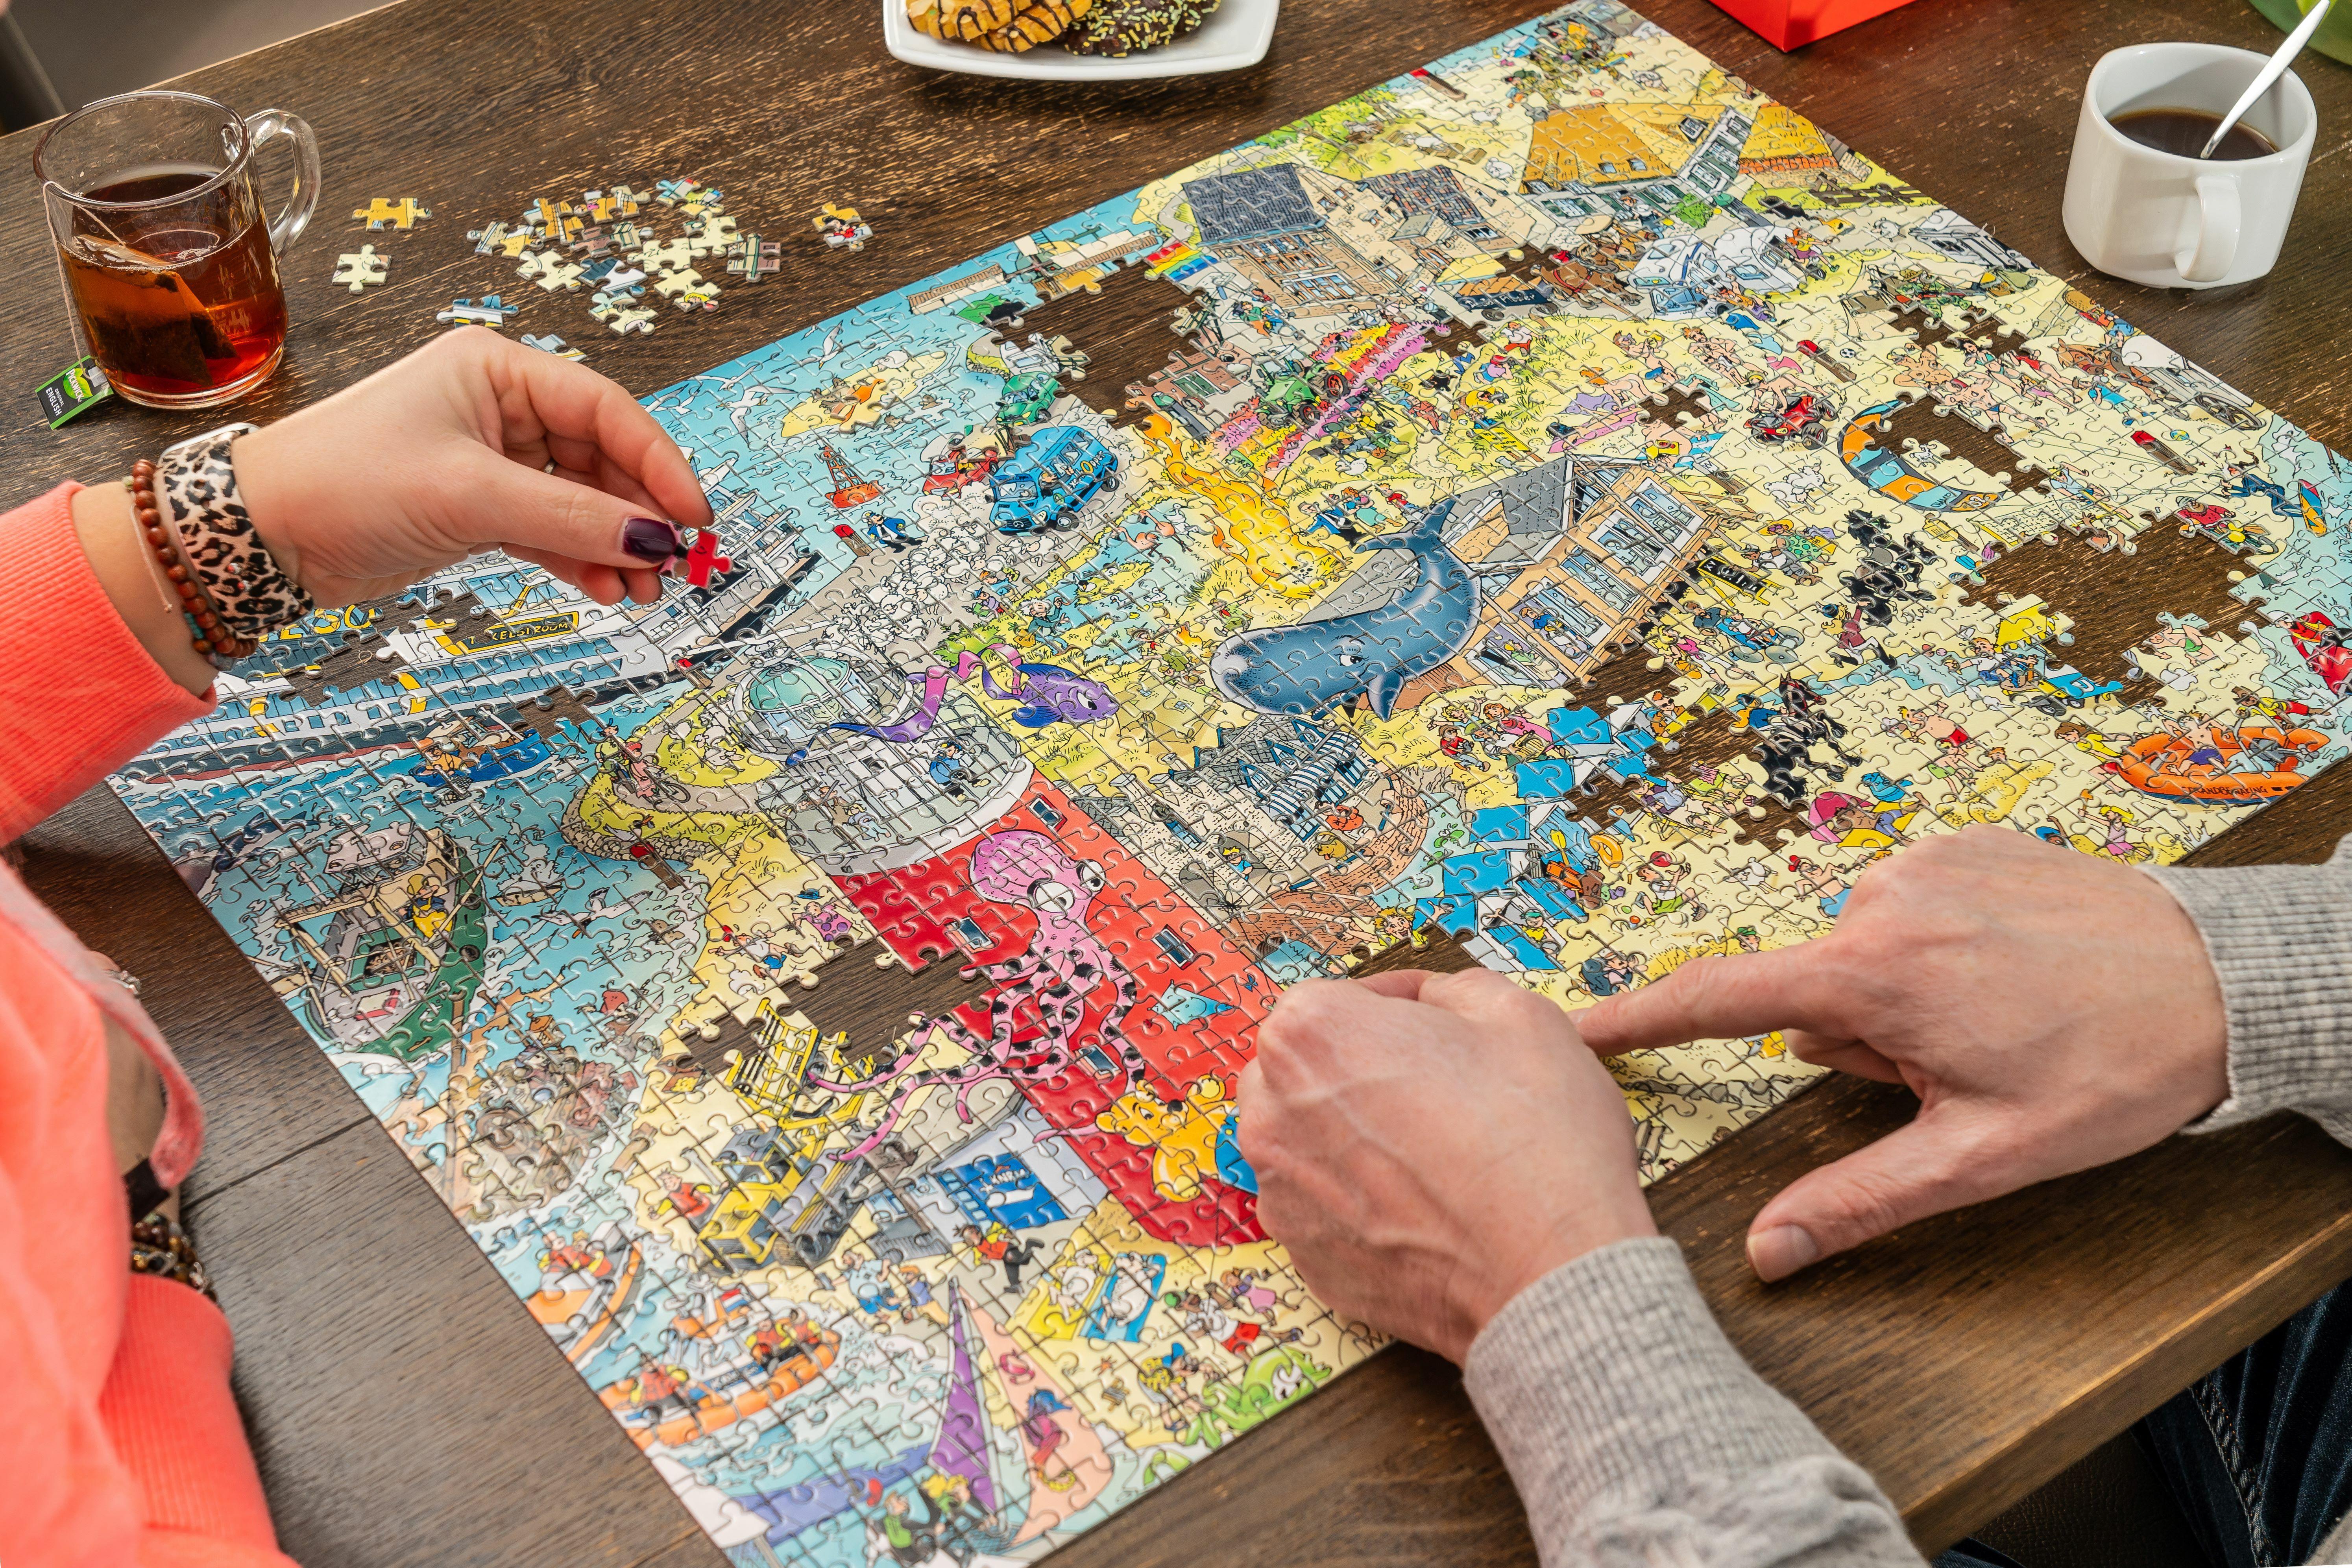 De Texel puzzel maken VVV Texel